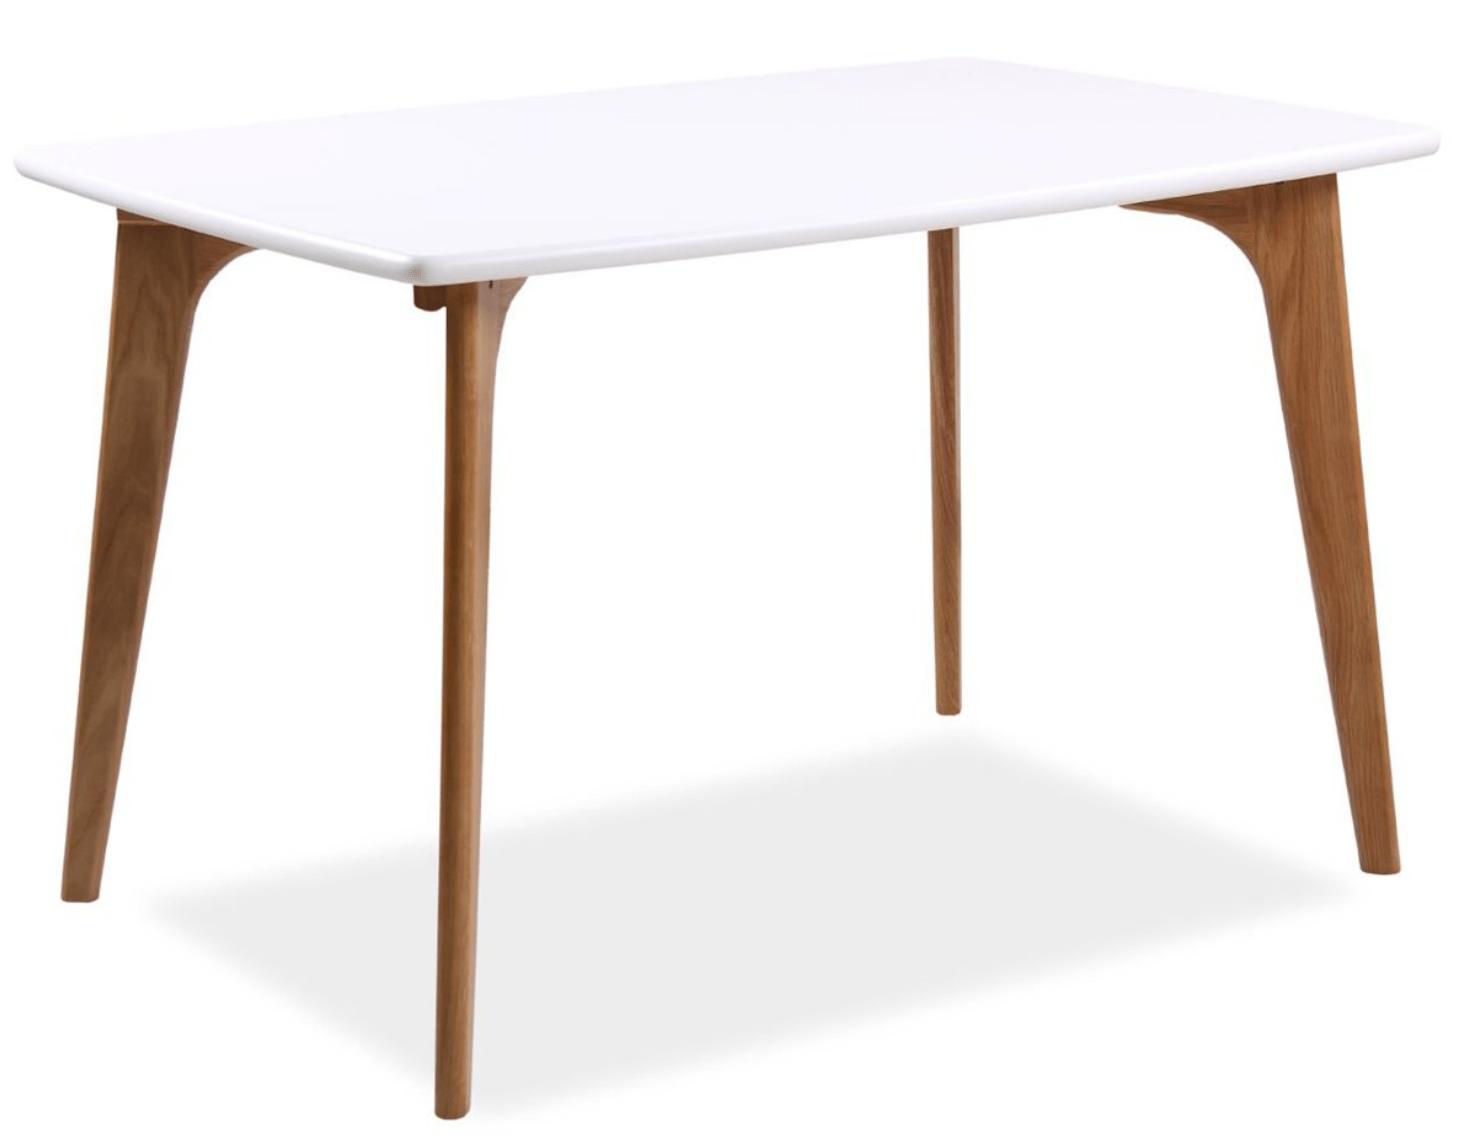 las 5 mejores mesas de cocina en conforama prodecoracion On mesas de cocina conforama